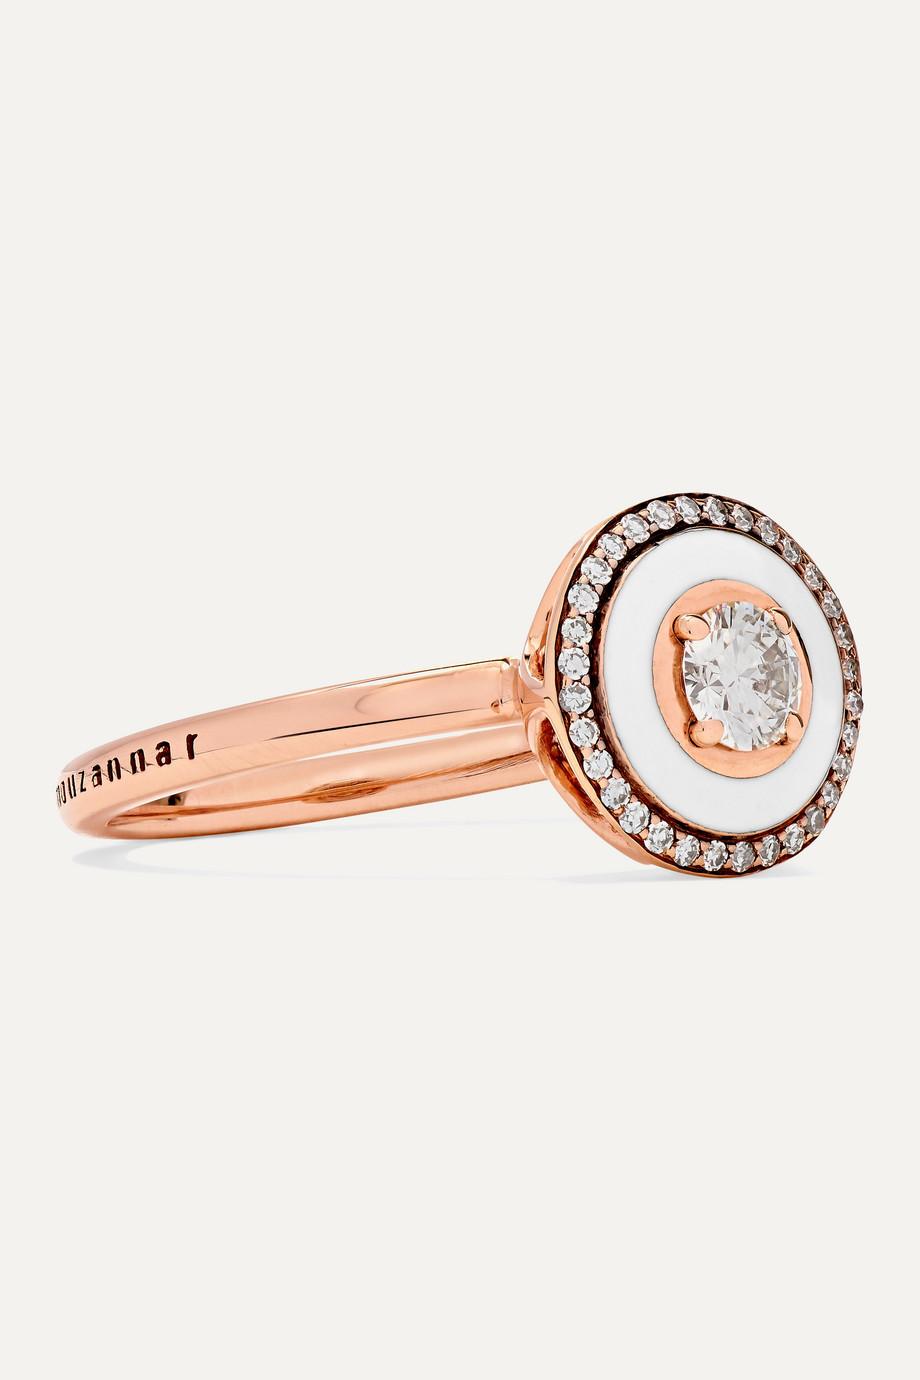 Selim Mouzannar 18-karat rose gold, enamel and diamond ring